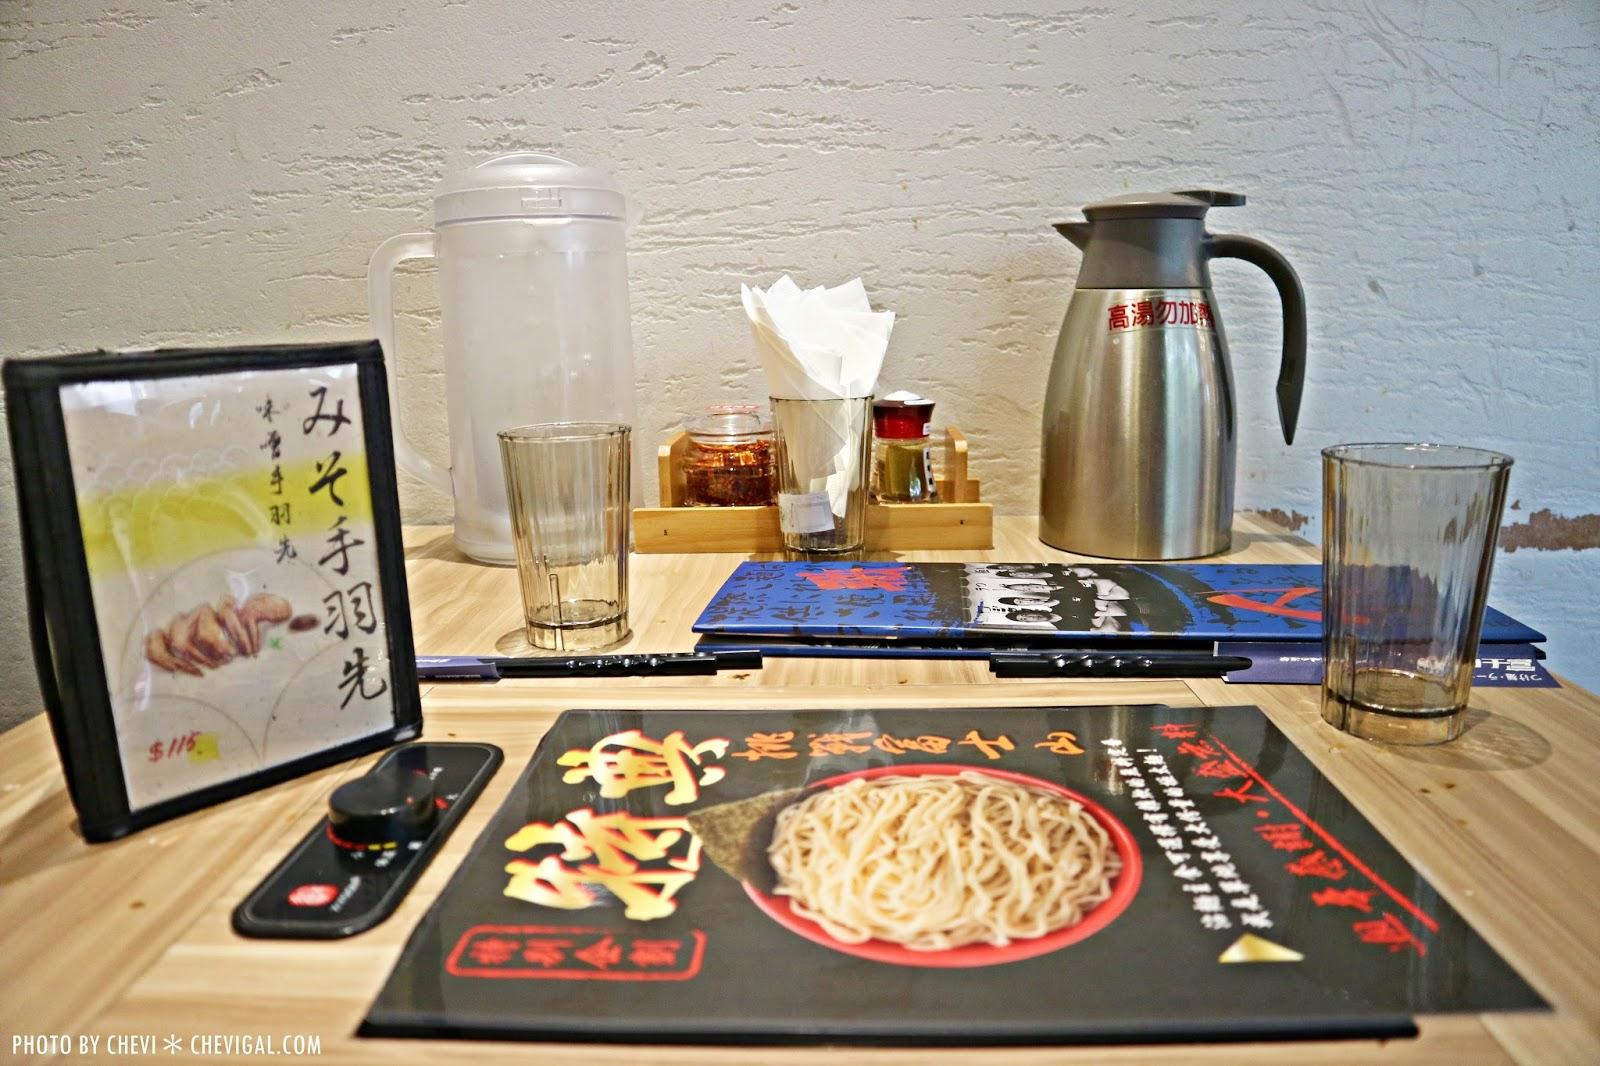 IMG 9752 - 熱血採訪│富士山55沾麵,富士山55周年感謝祭。澎派菜單全新登場。還有免費 Cold Stone冰淇淋請你吃